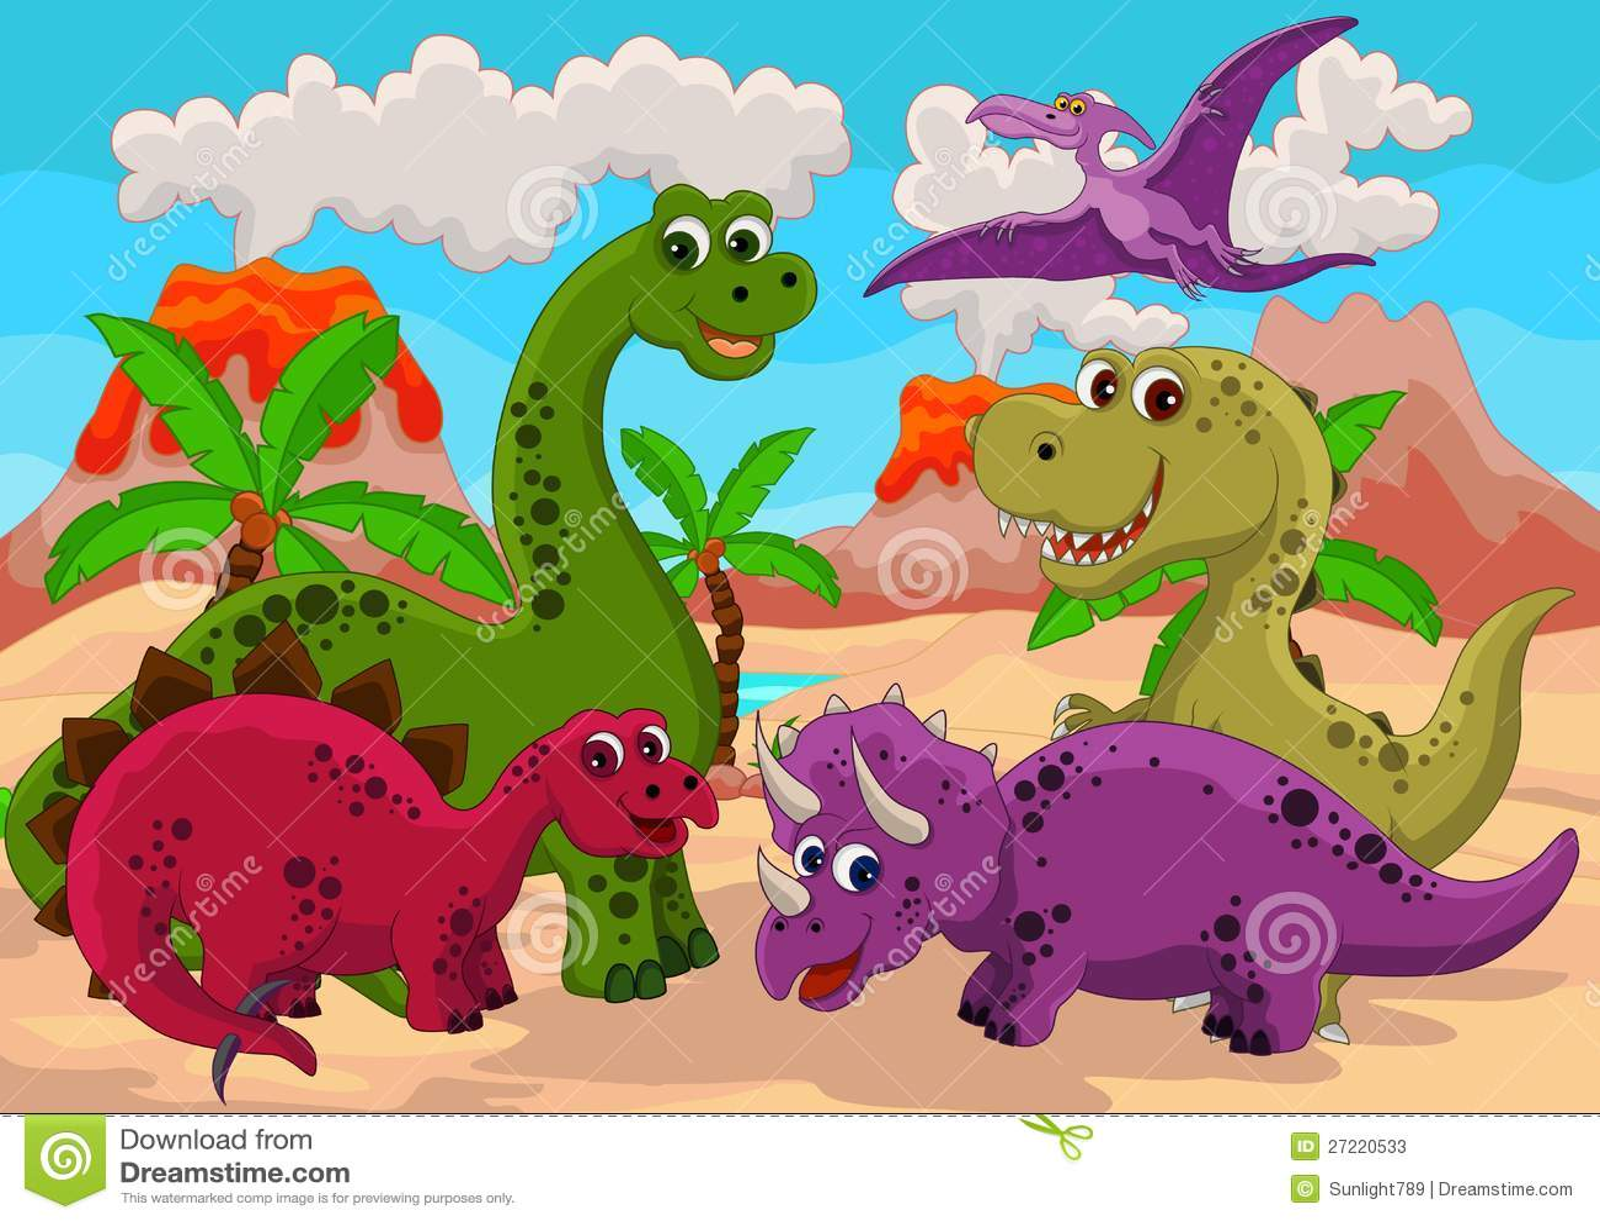 Cute Baby Lizards Wallpaper Funny Dinosaur Cartoon Set Stock Illustration